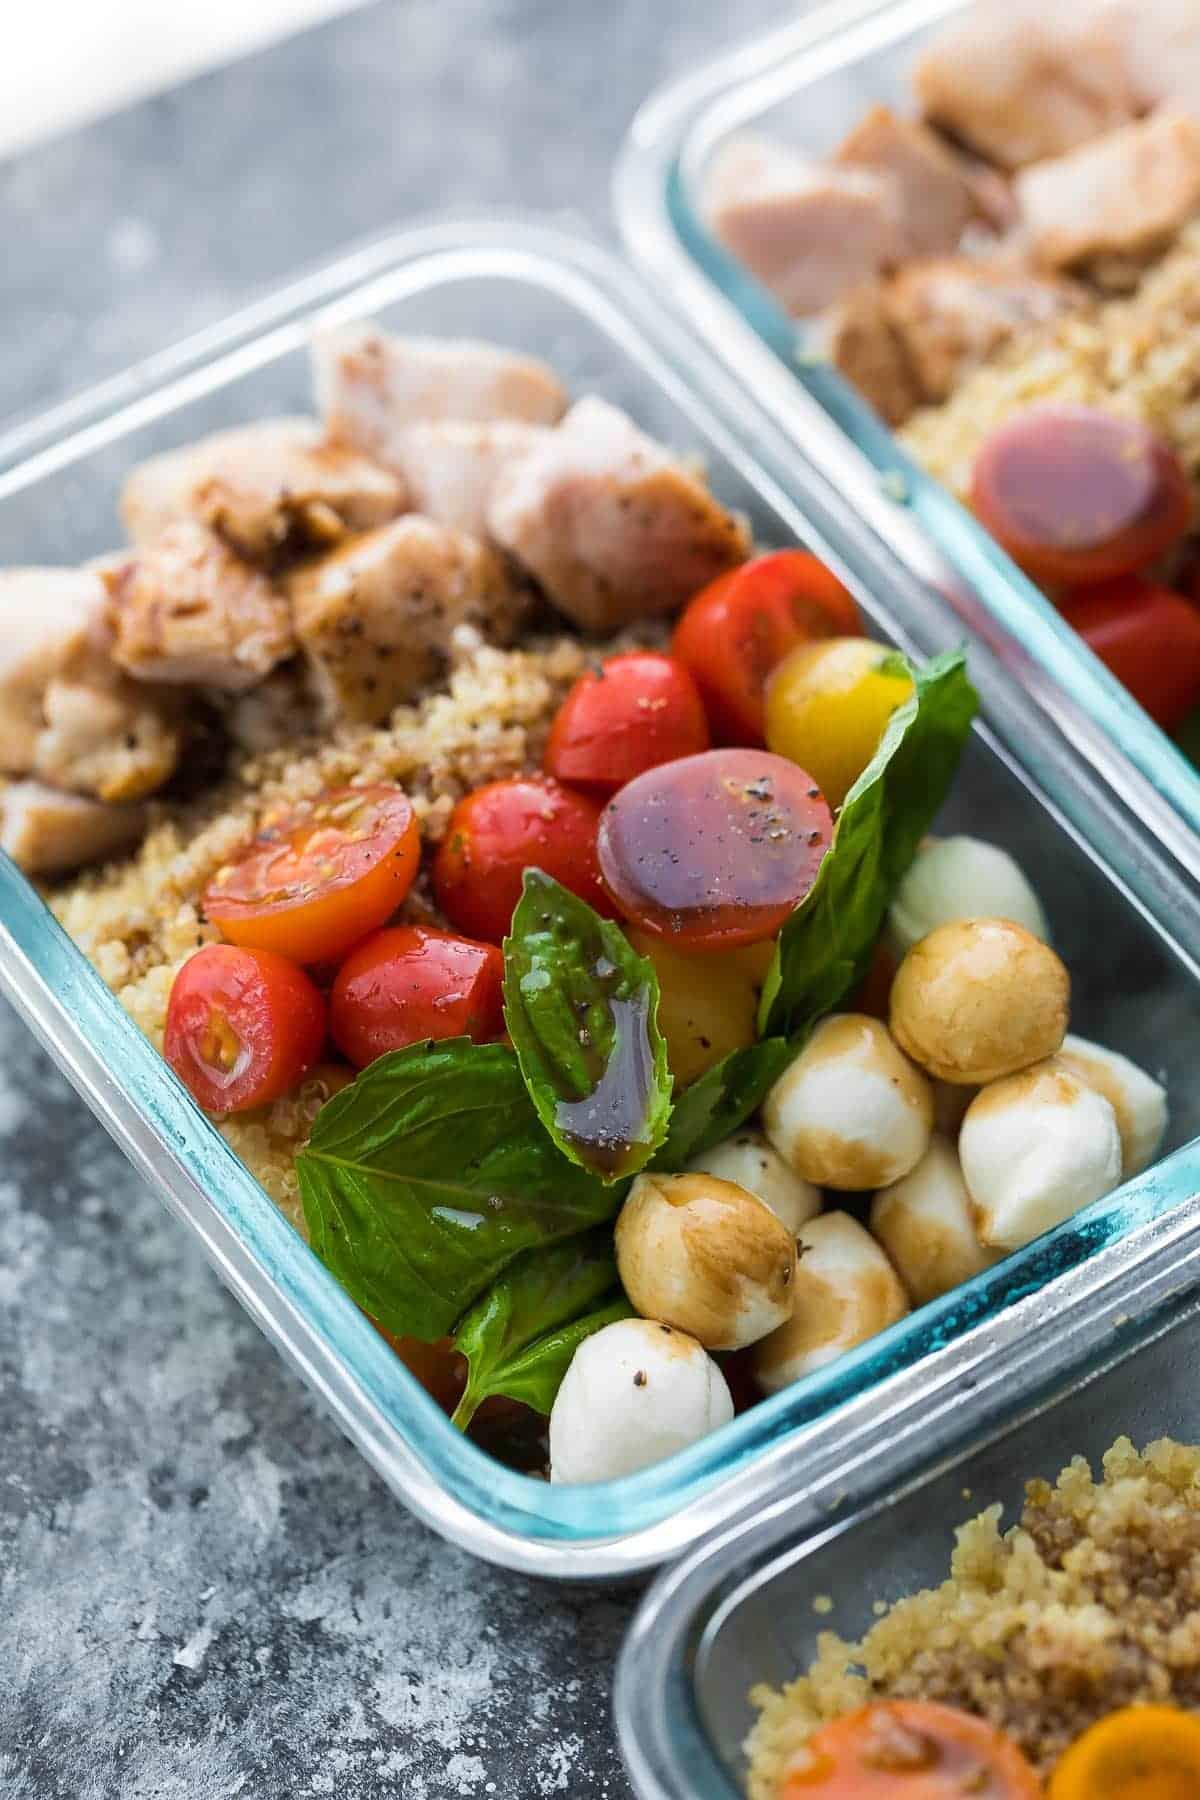 Caprese Tavuk Salatası Yemek Hazırlama Kaselerinin yakın çekim